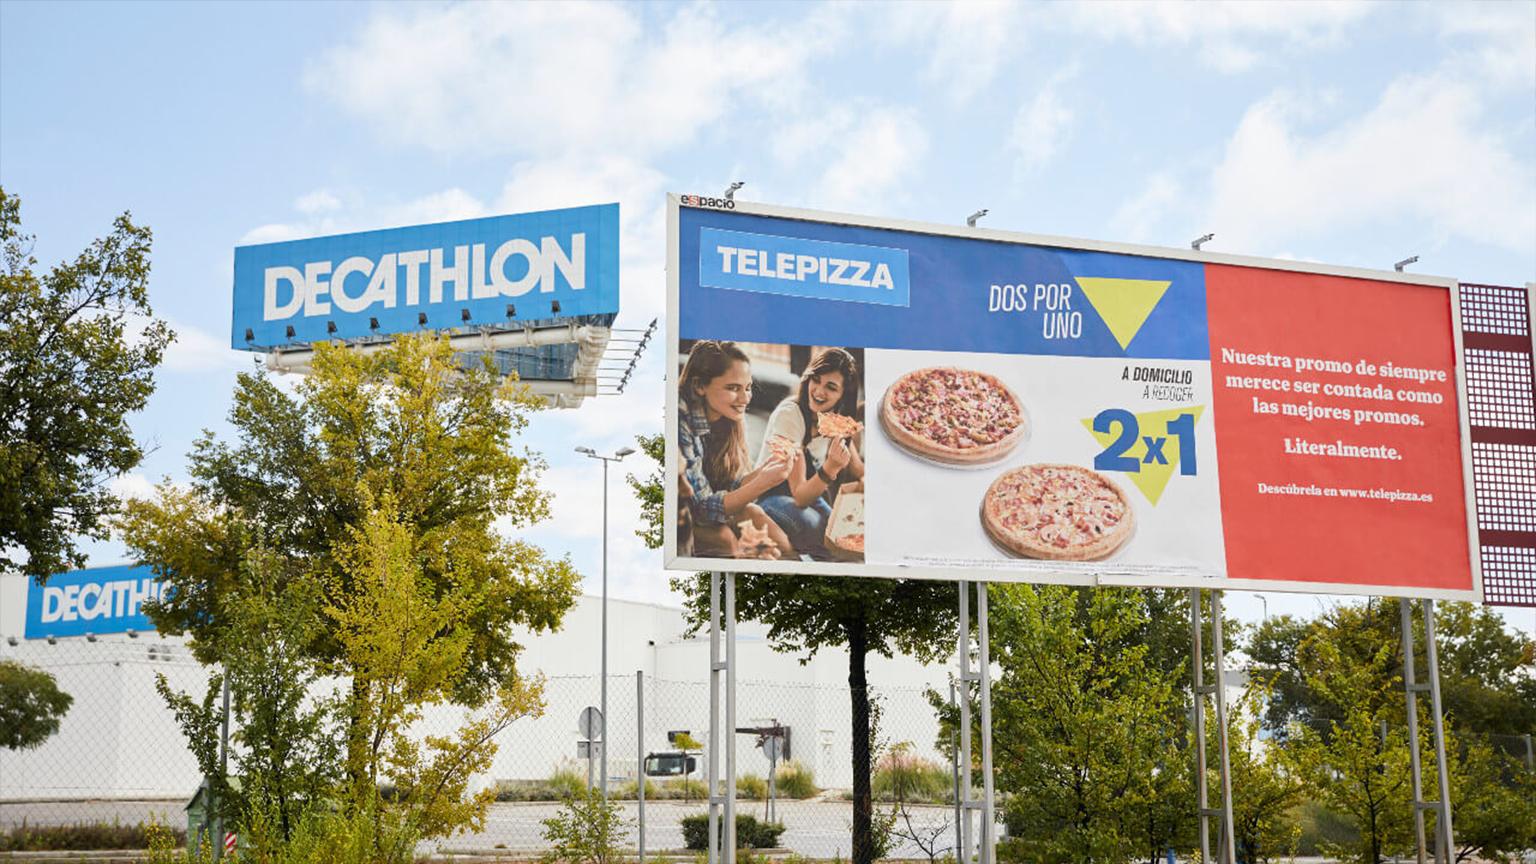 decathlon y telepizza